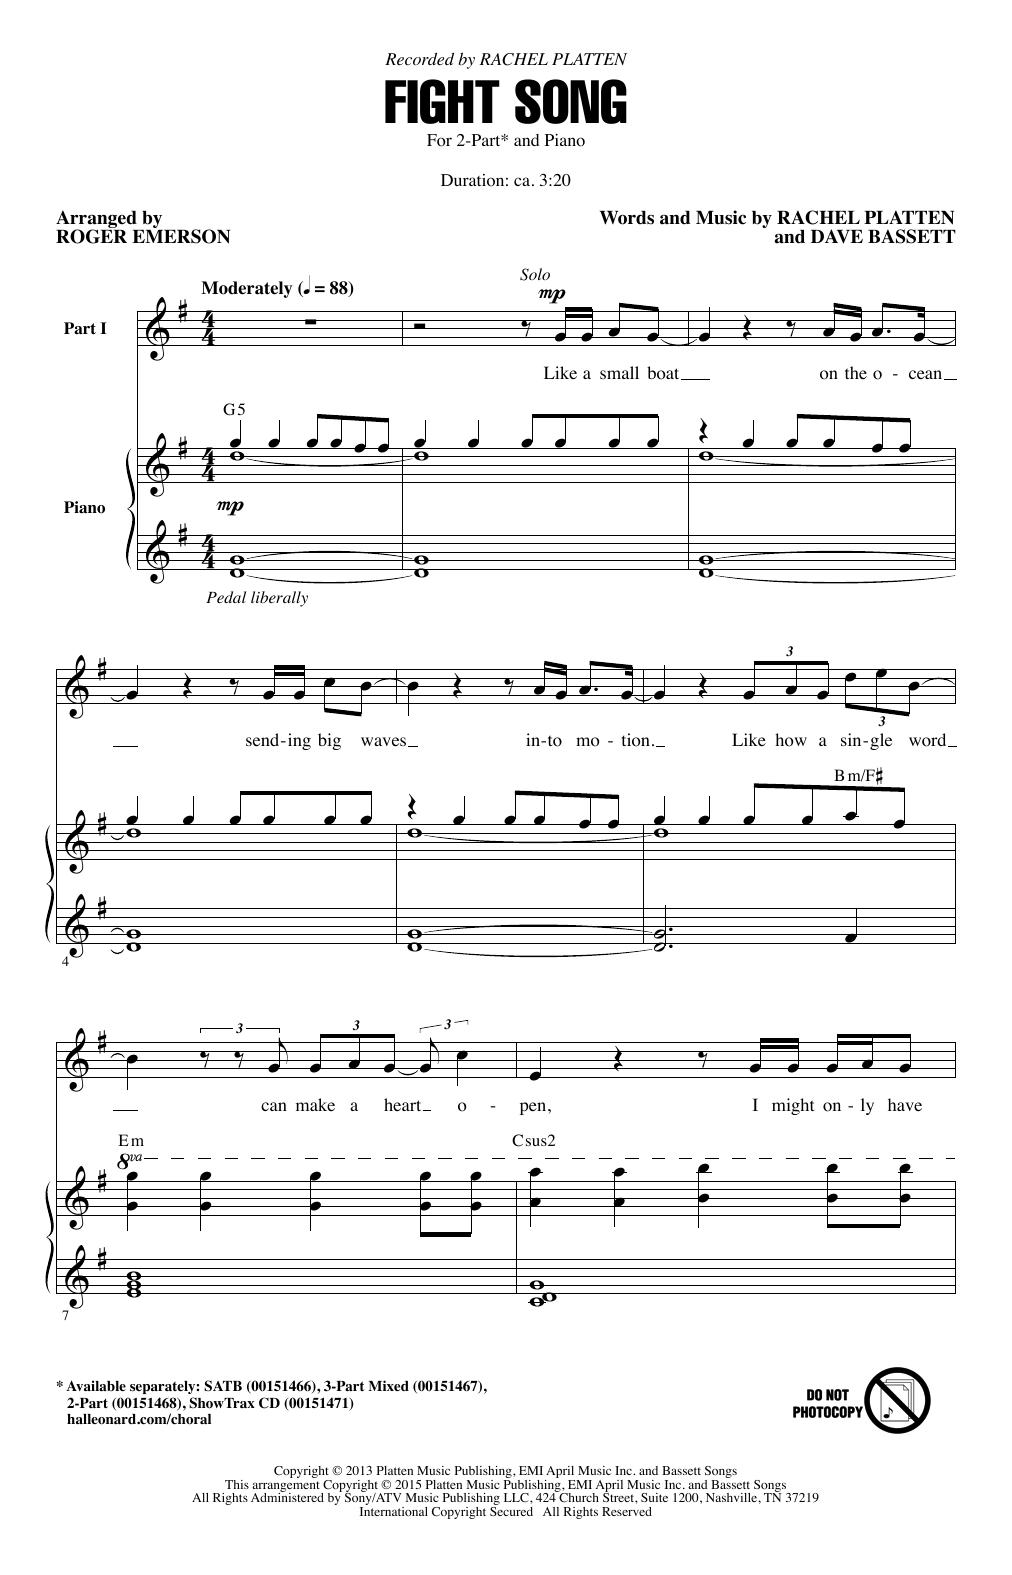 Partition chorale Fight Song (arr. Roger Emerson) de Rachel Platten - 2 voix